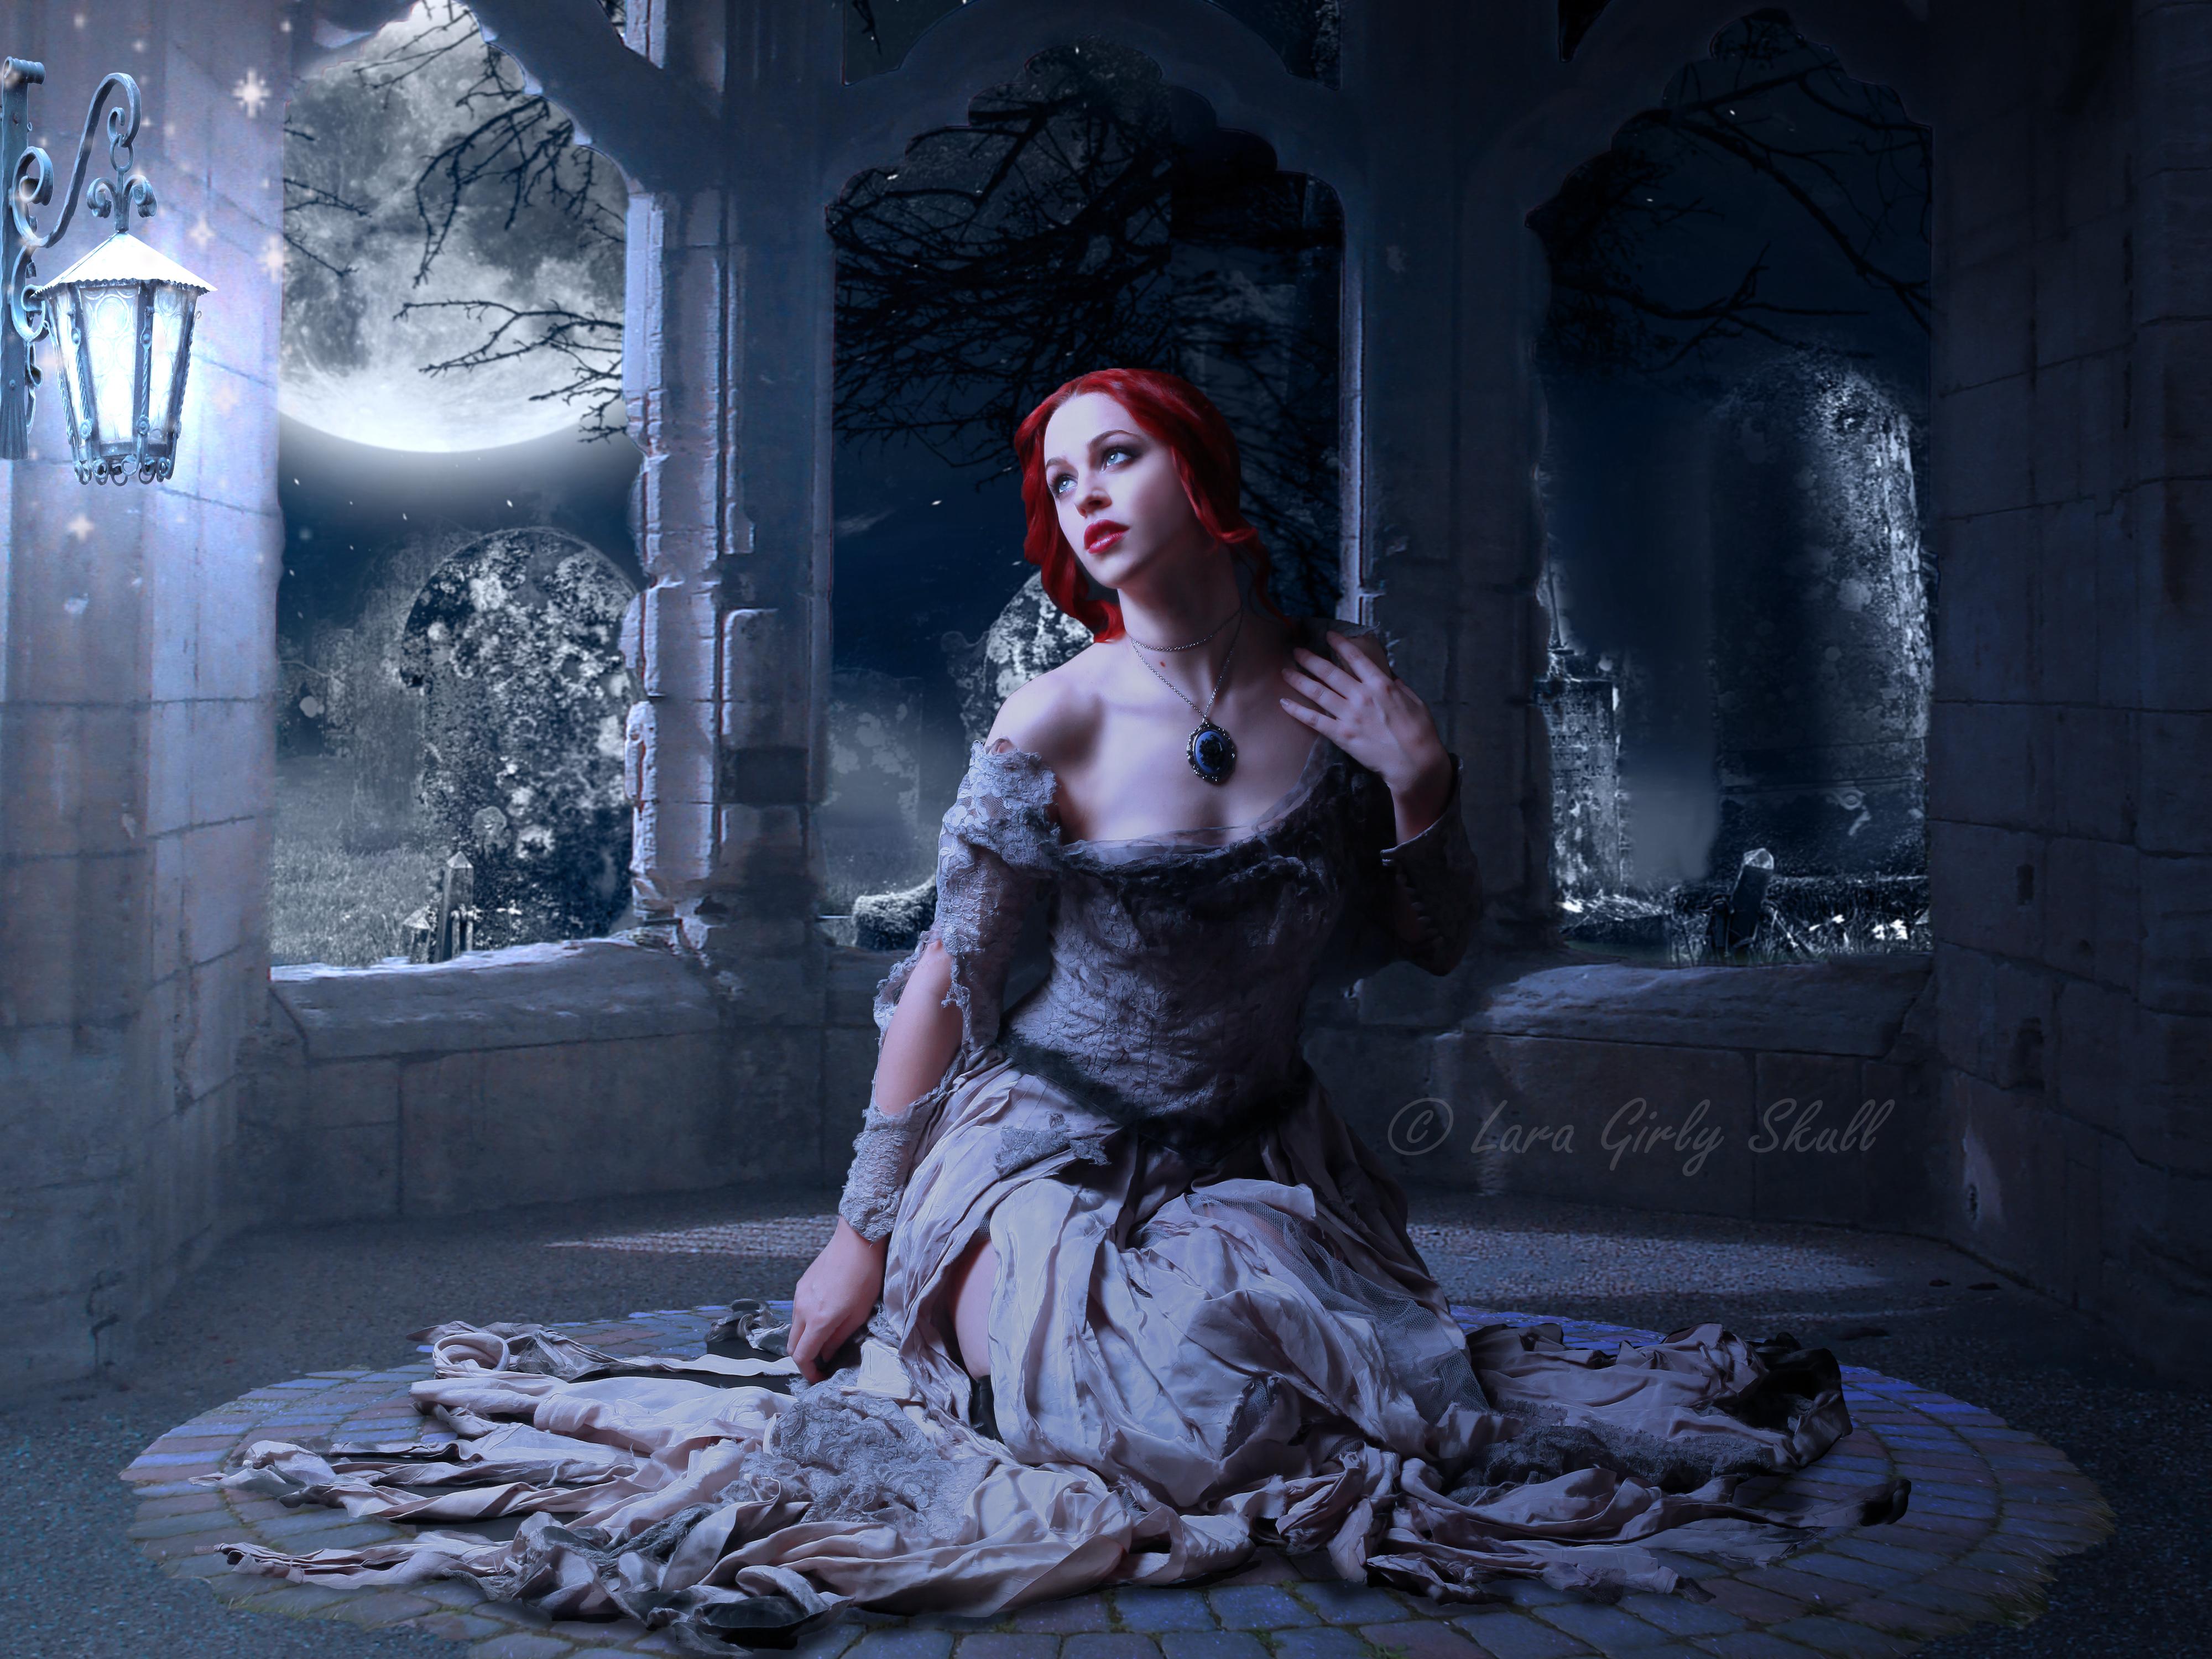 Melancholy by LaraGirlySkull